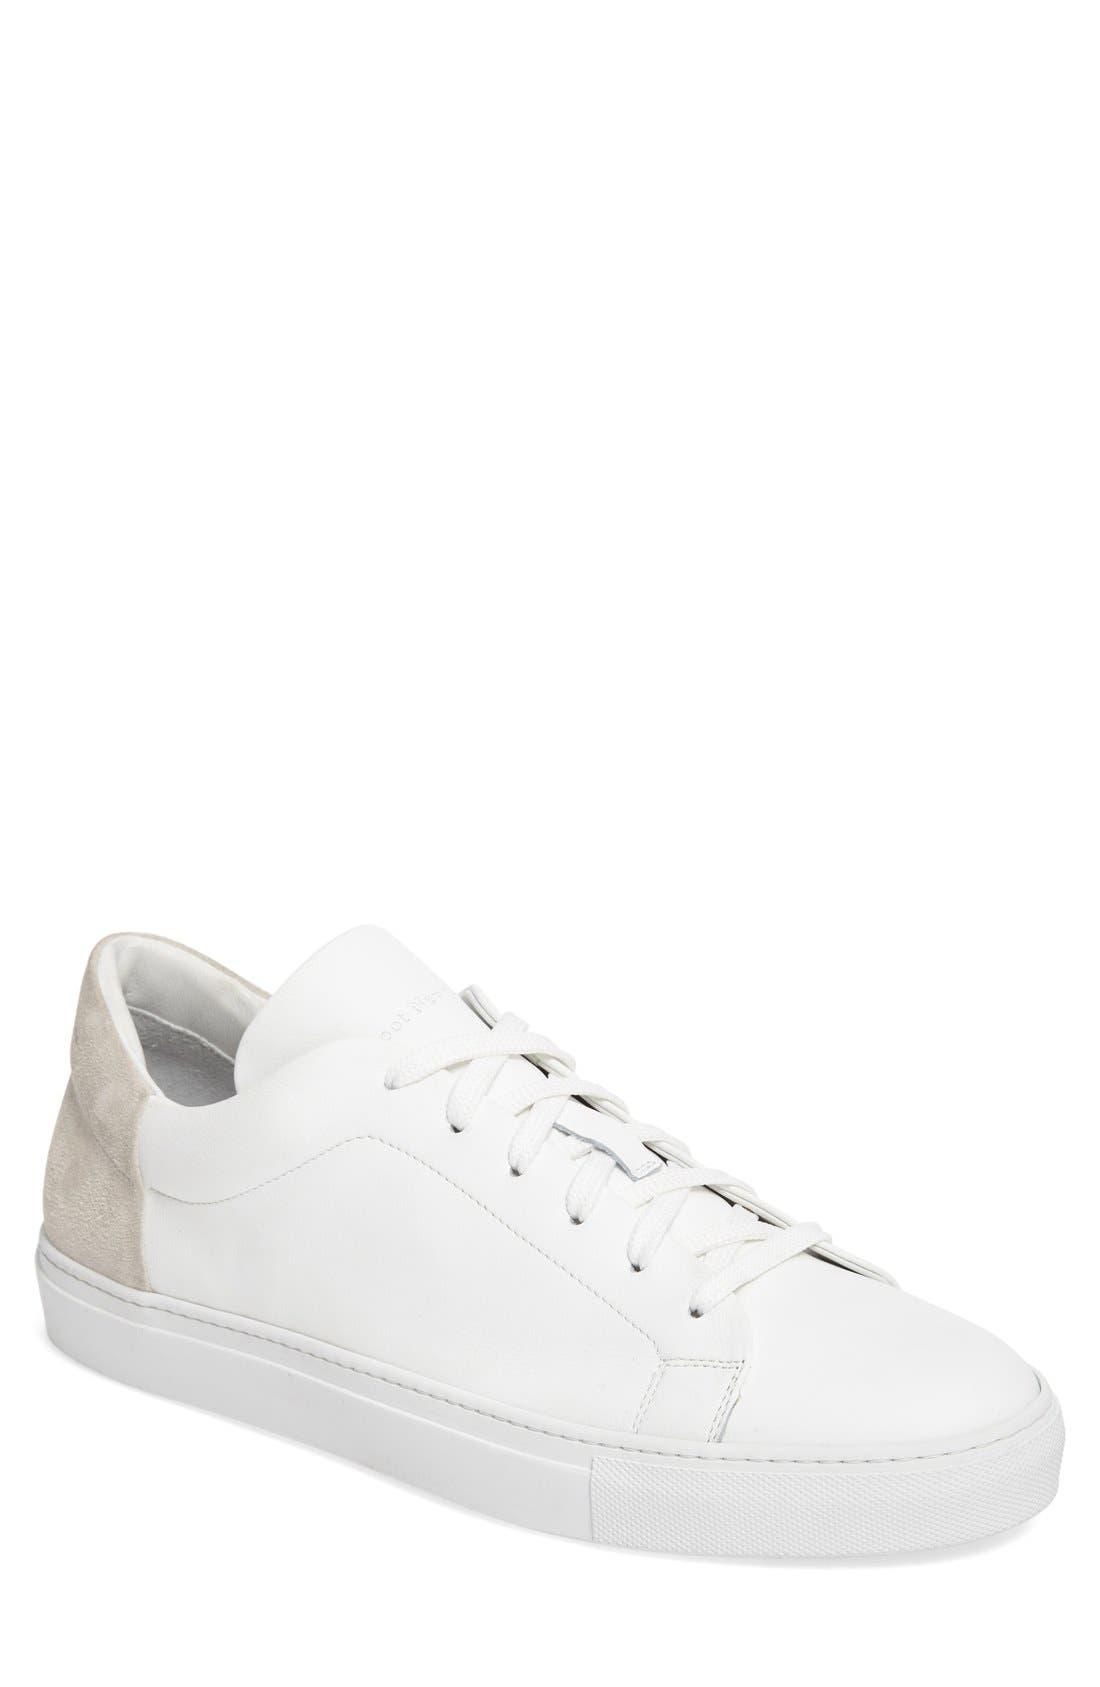 Alternate Image 1 Selected - To Boot New York Huston Sneaker (Men)